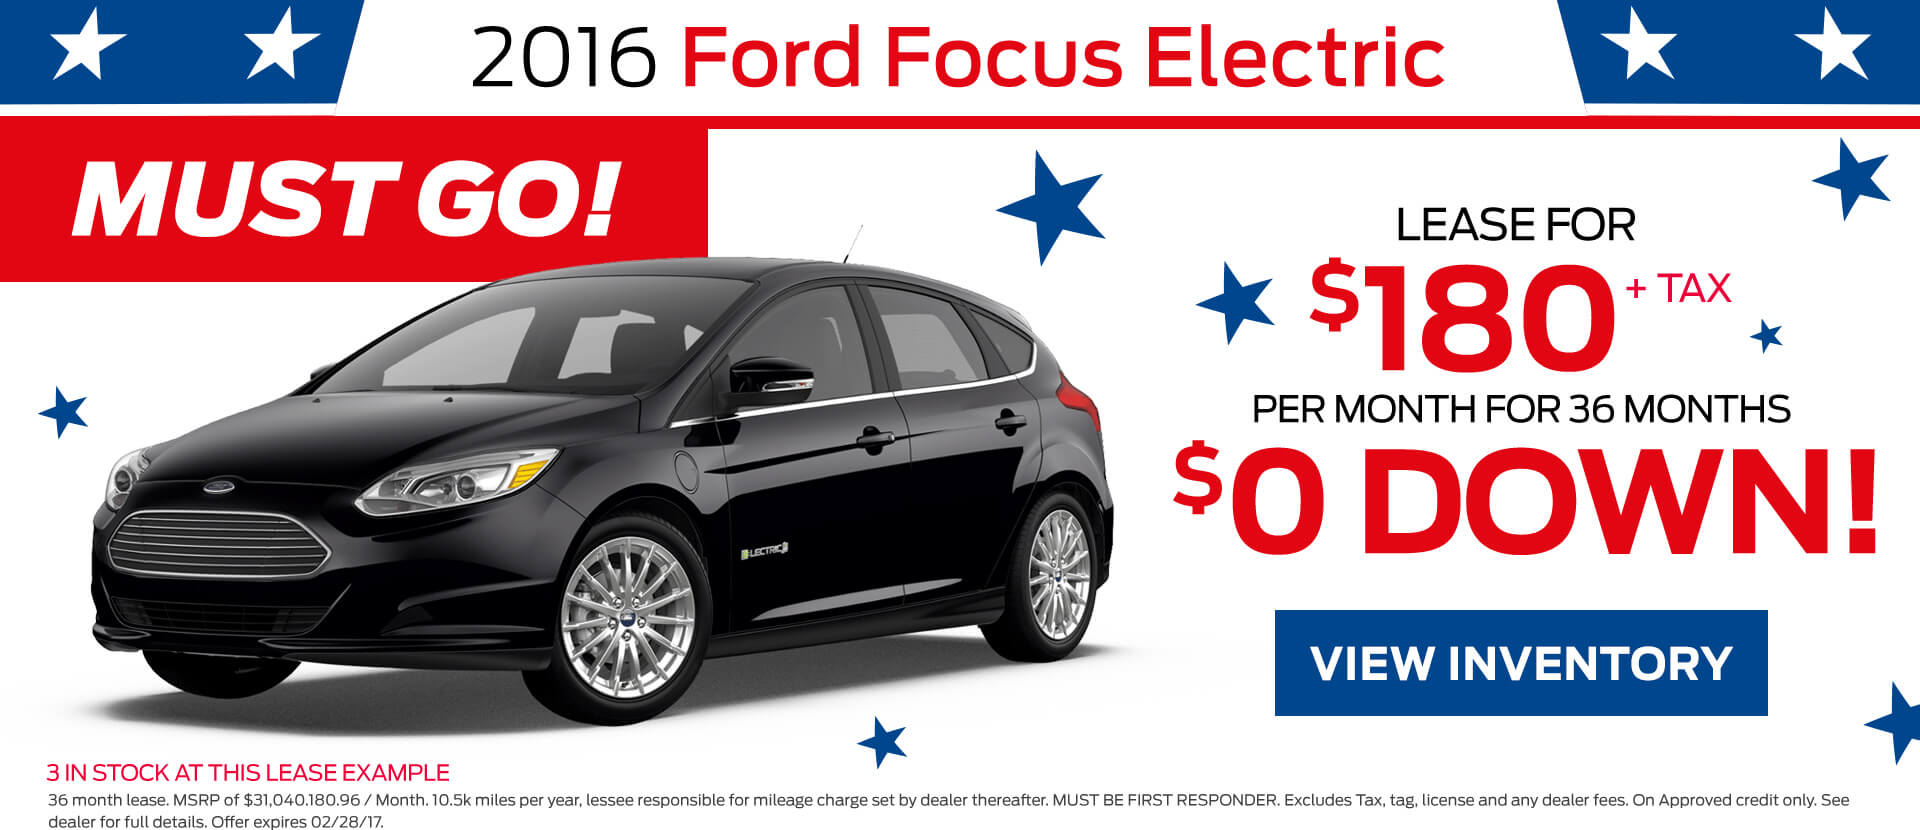 Focus Electric HP